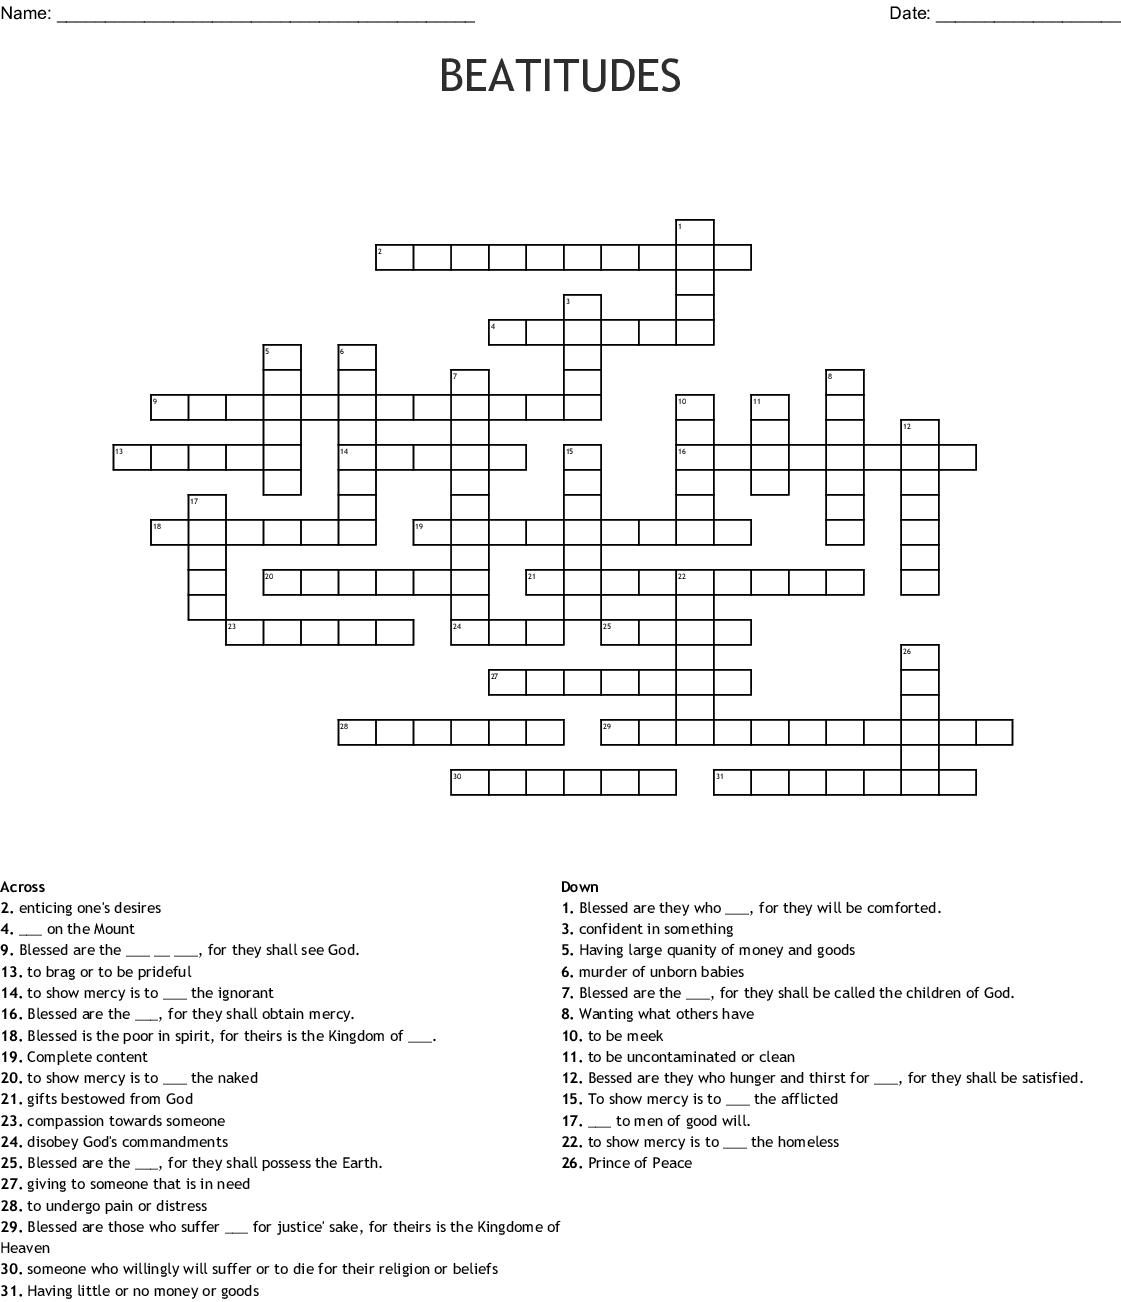 Beatitudes Crossword